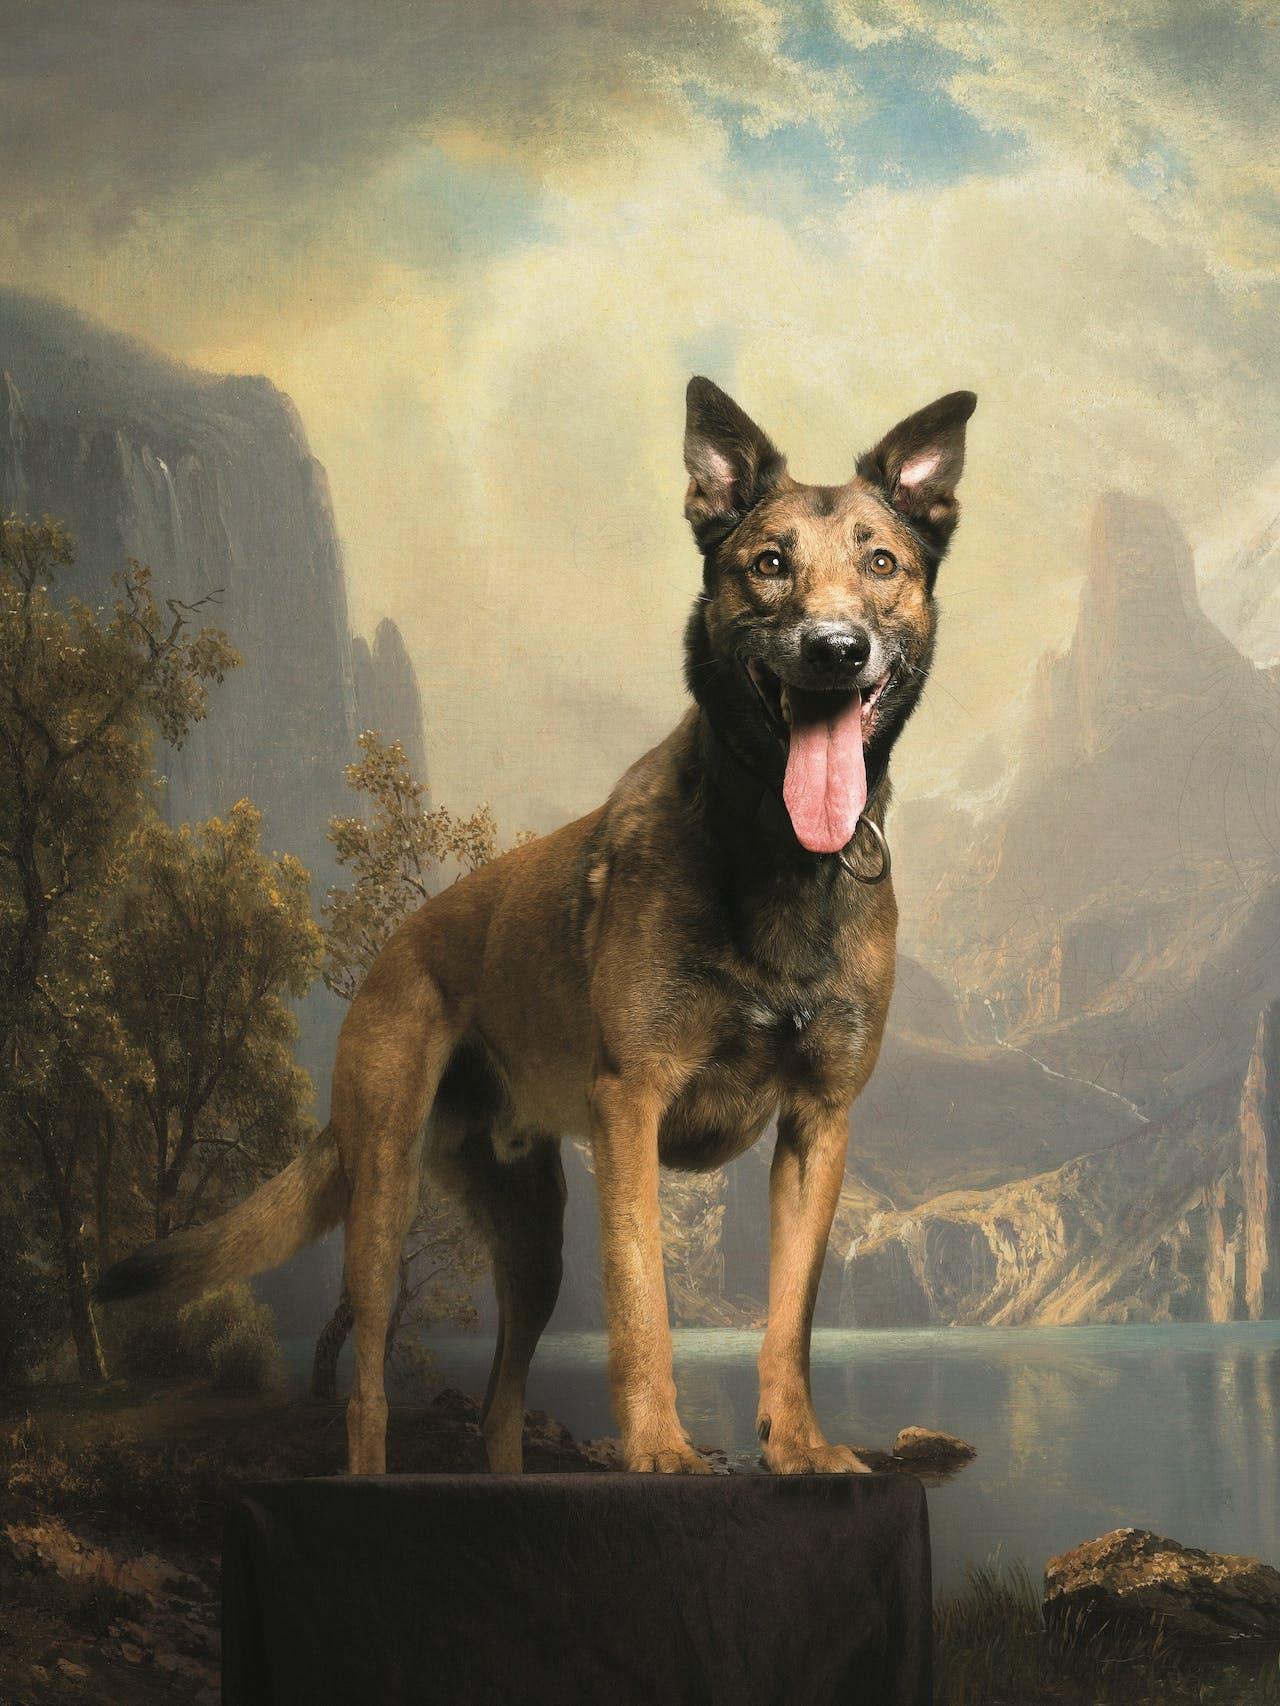 De Mechelse herder is een Belgische herder vernoemd naar de stad Mechelen. Opvallend: oorspronkelijk komt hij uit de Kempen.